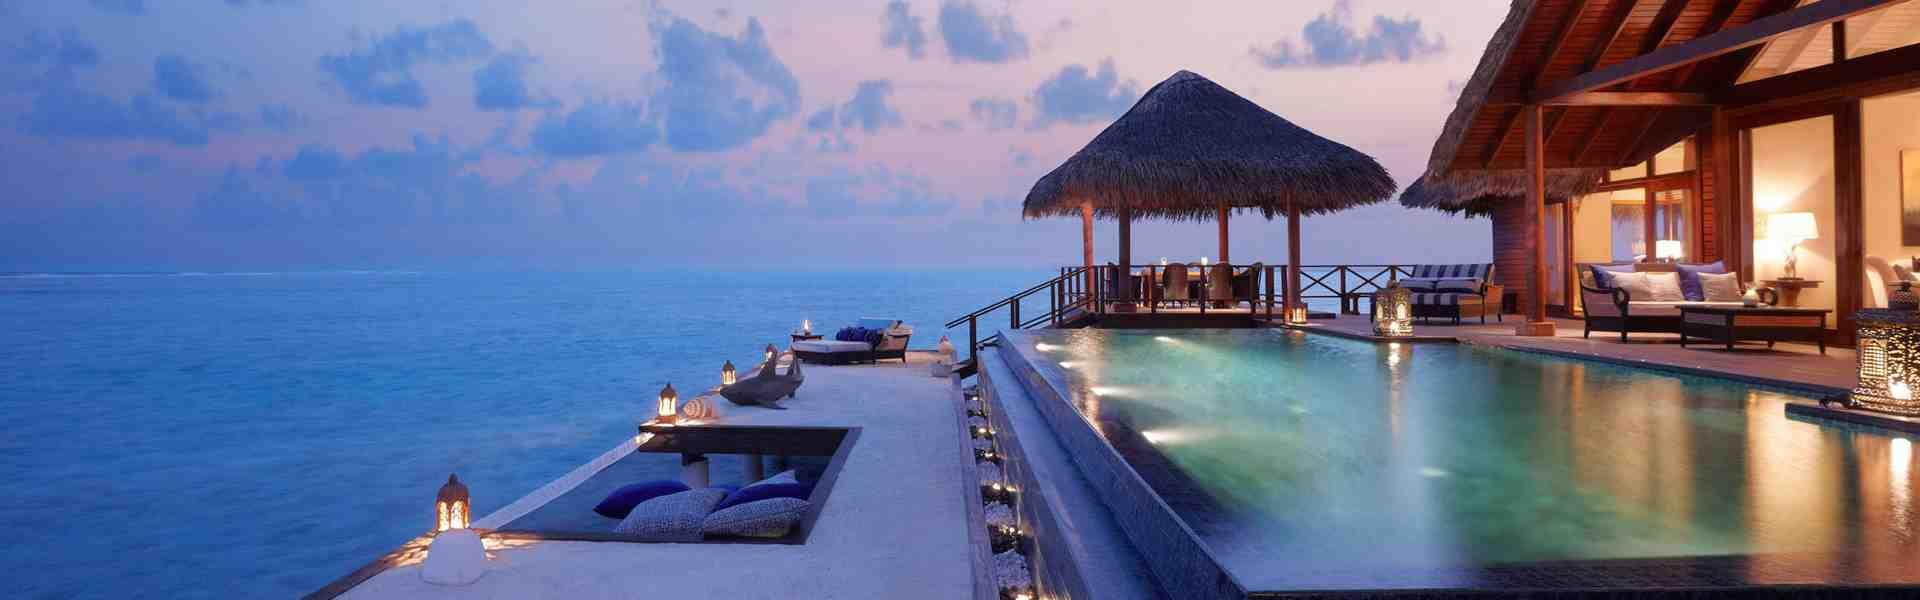 Vacaciones jamaicanas para solteros adultos